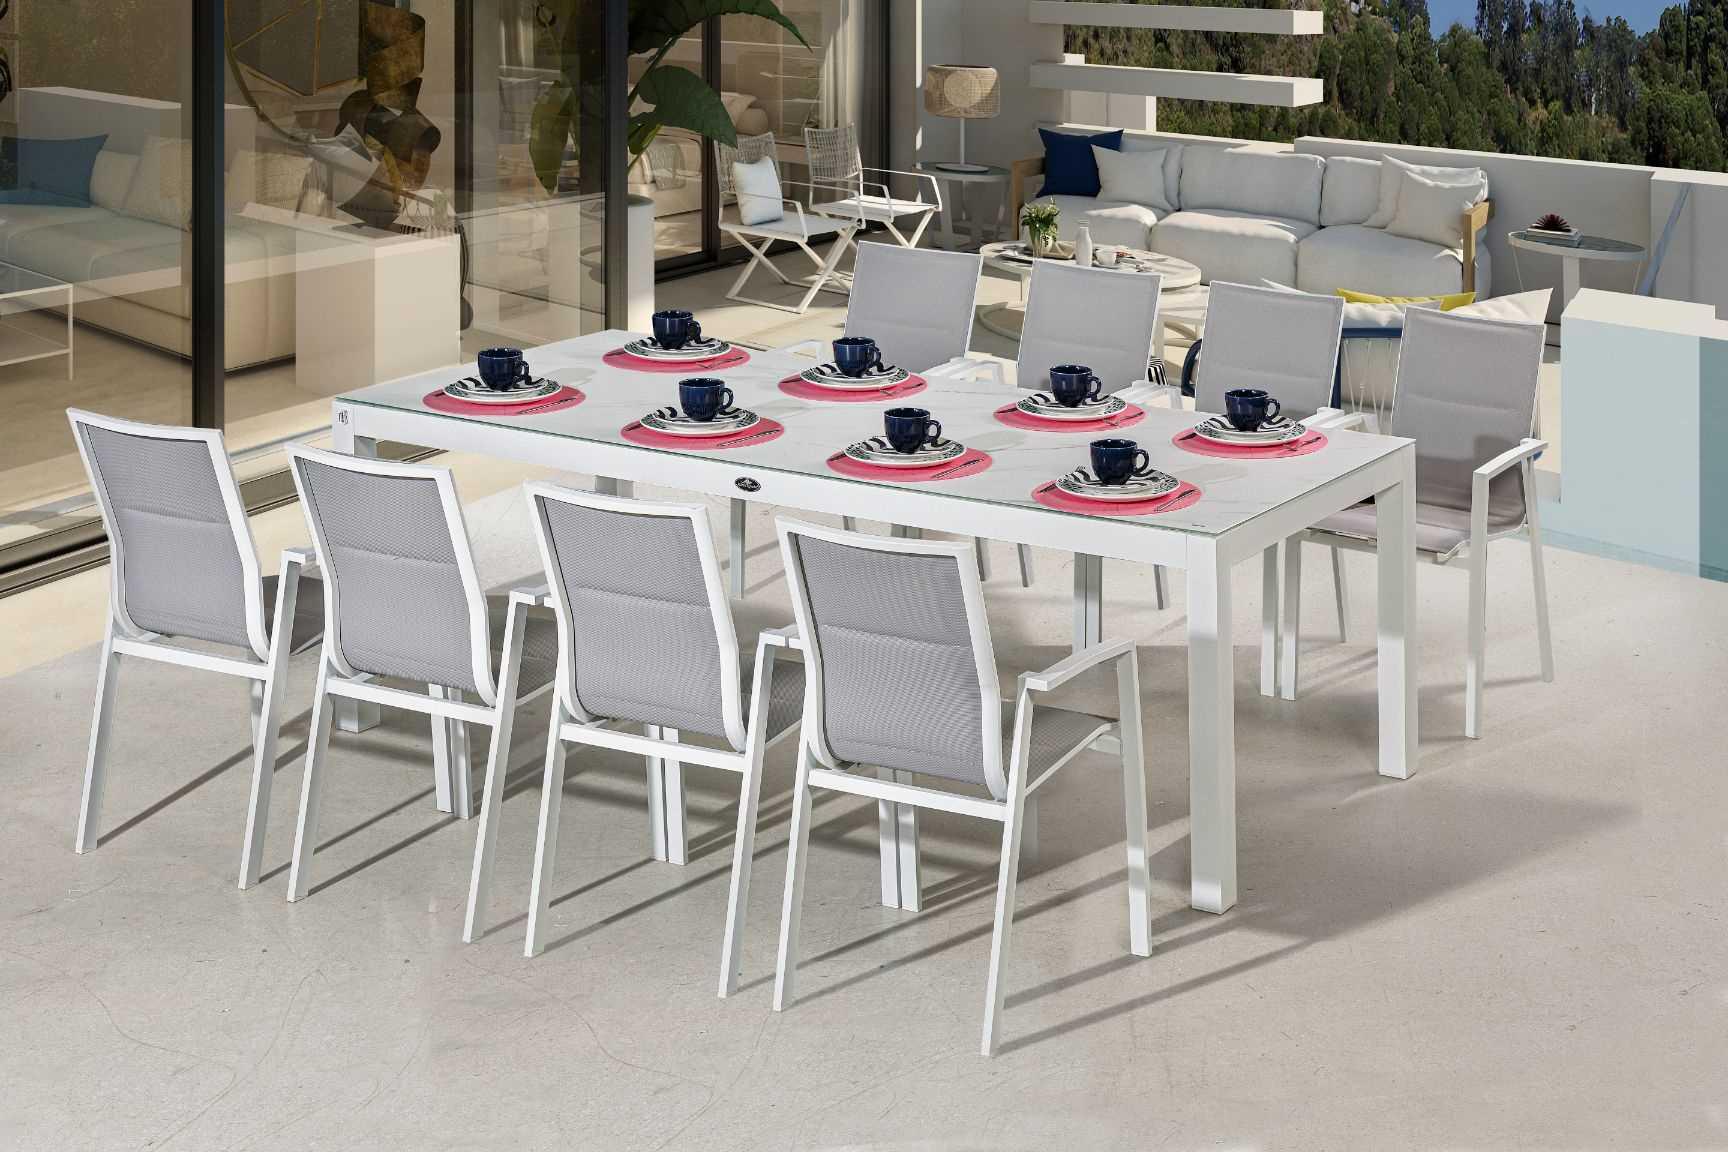 שולחן ענק 240/100 סמ זכוכית לבנה+8 כסאות ORLANDO אורלנדו - תמונה 2